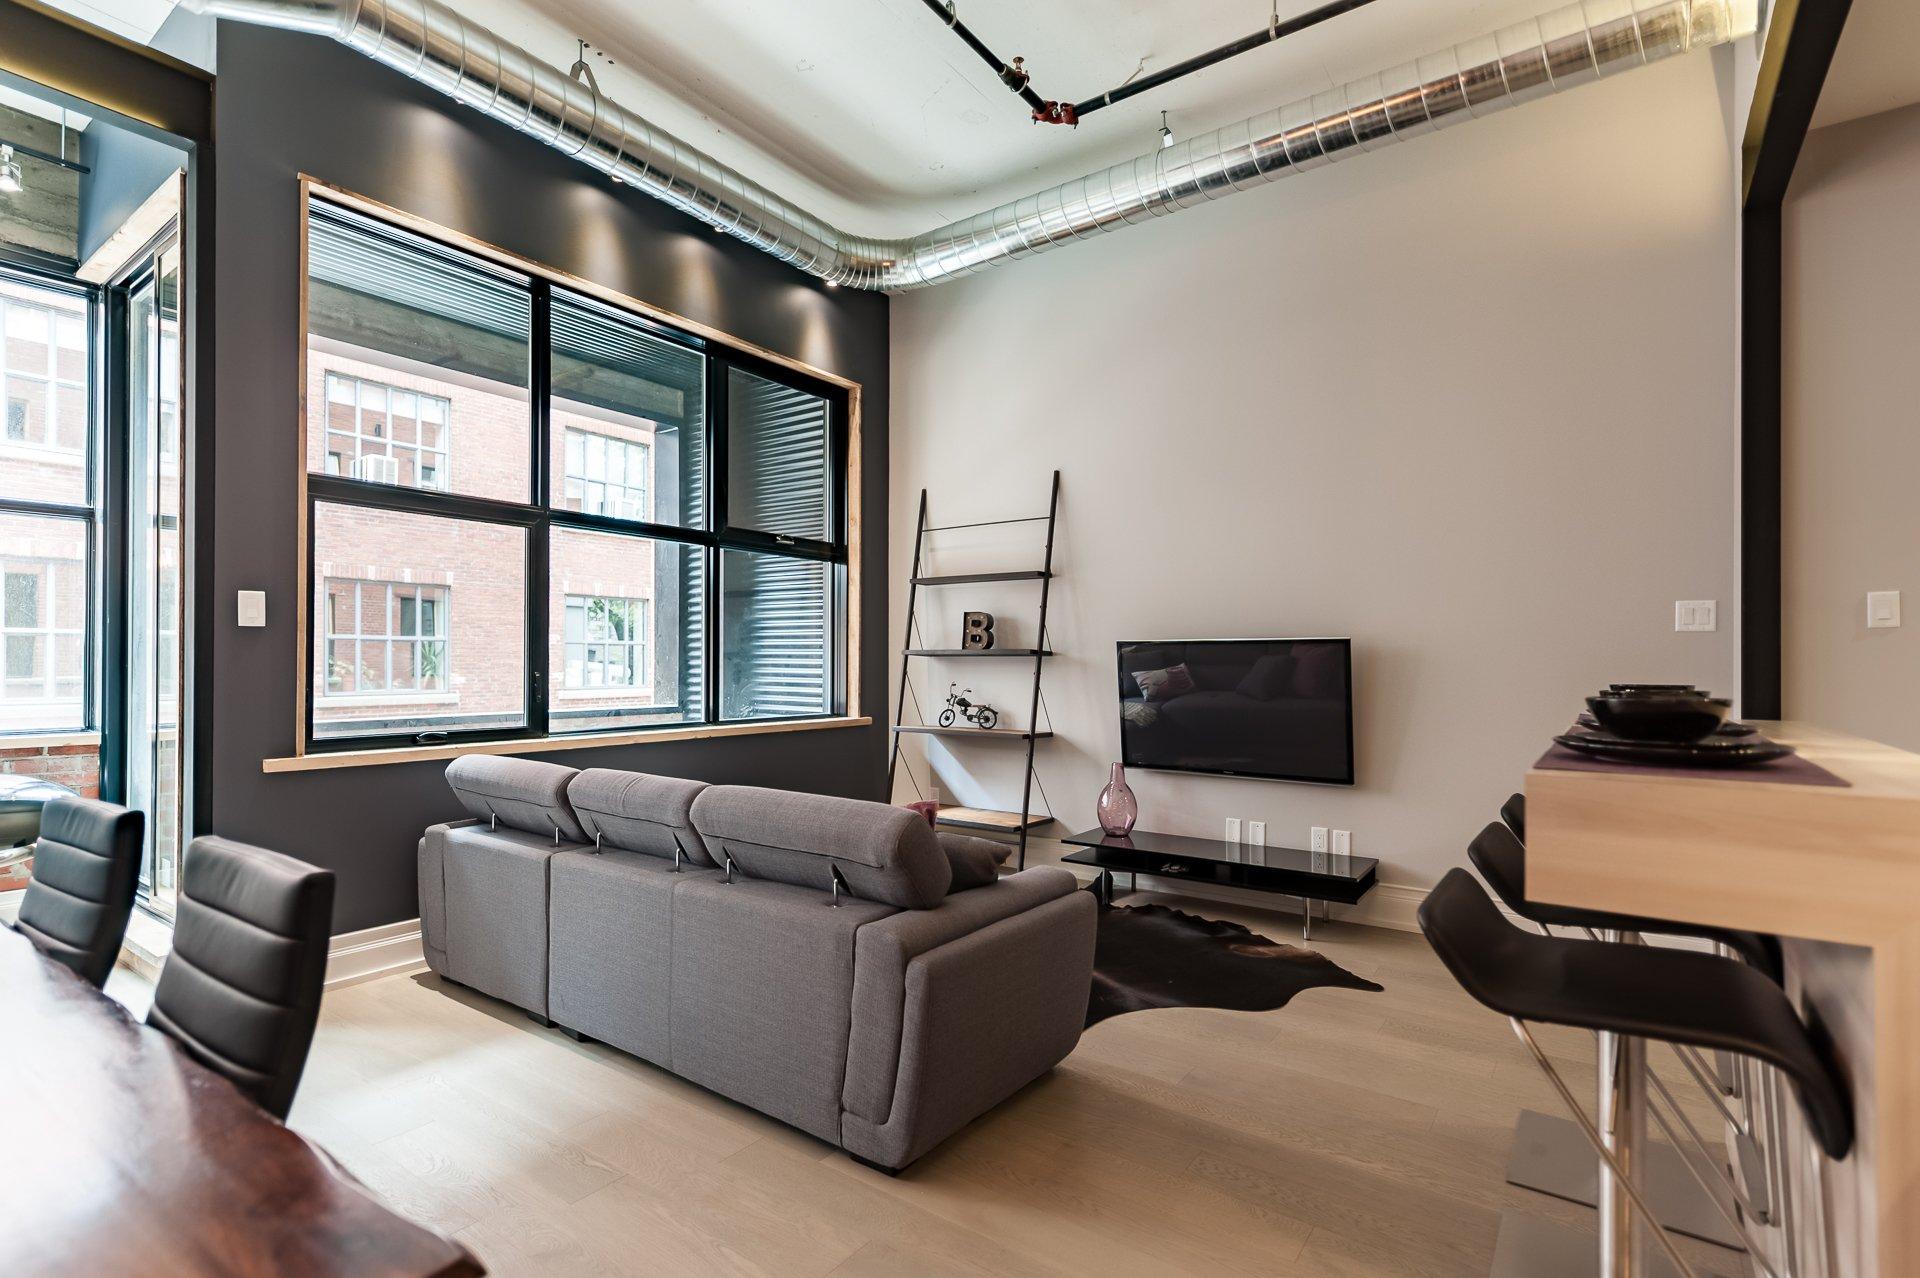 Appartement Industriel un appartement jumelé au style industriel et urbain disponible sur